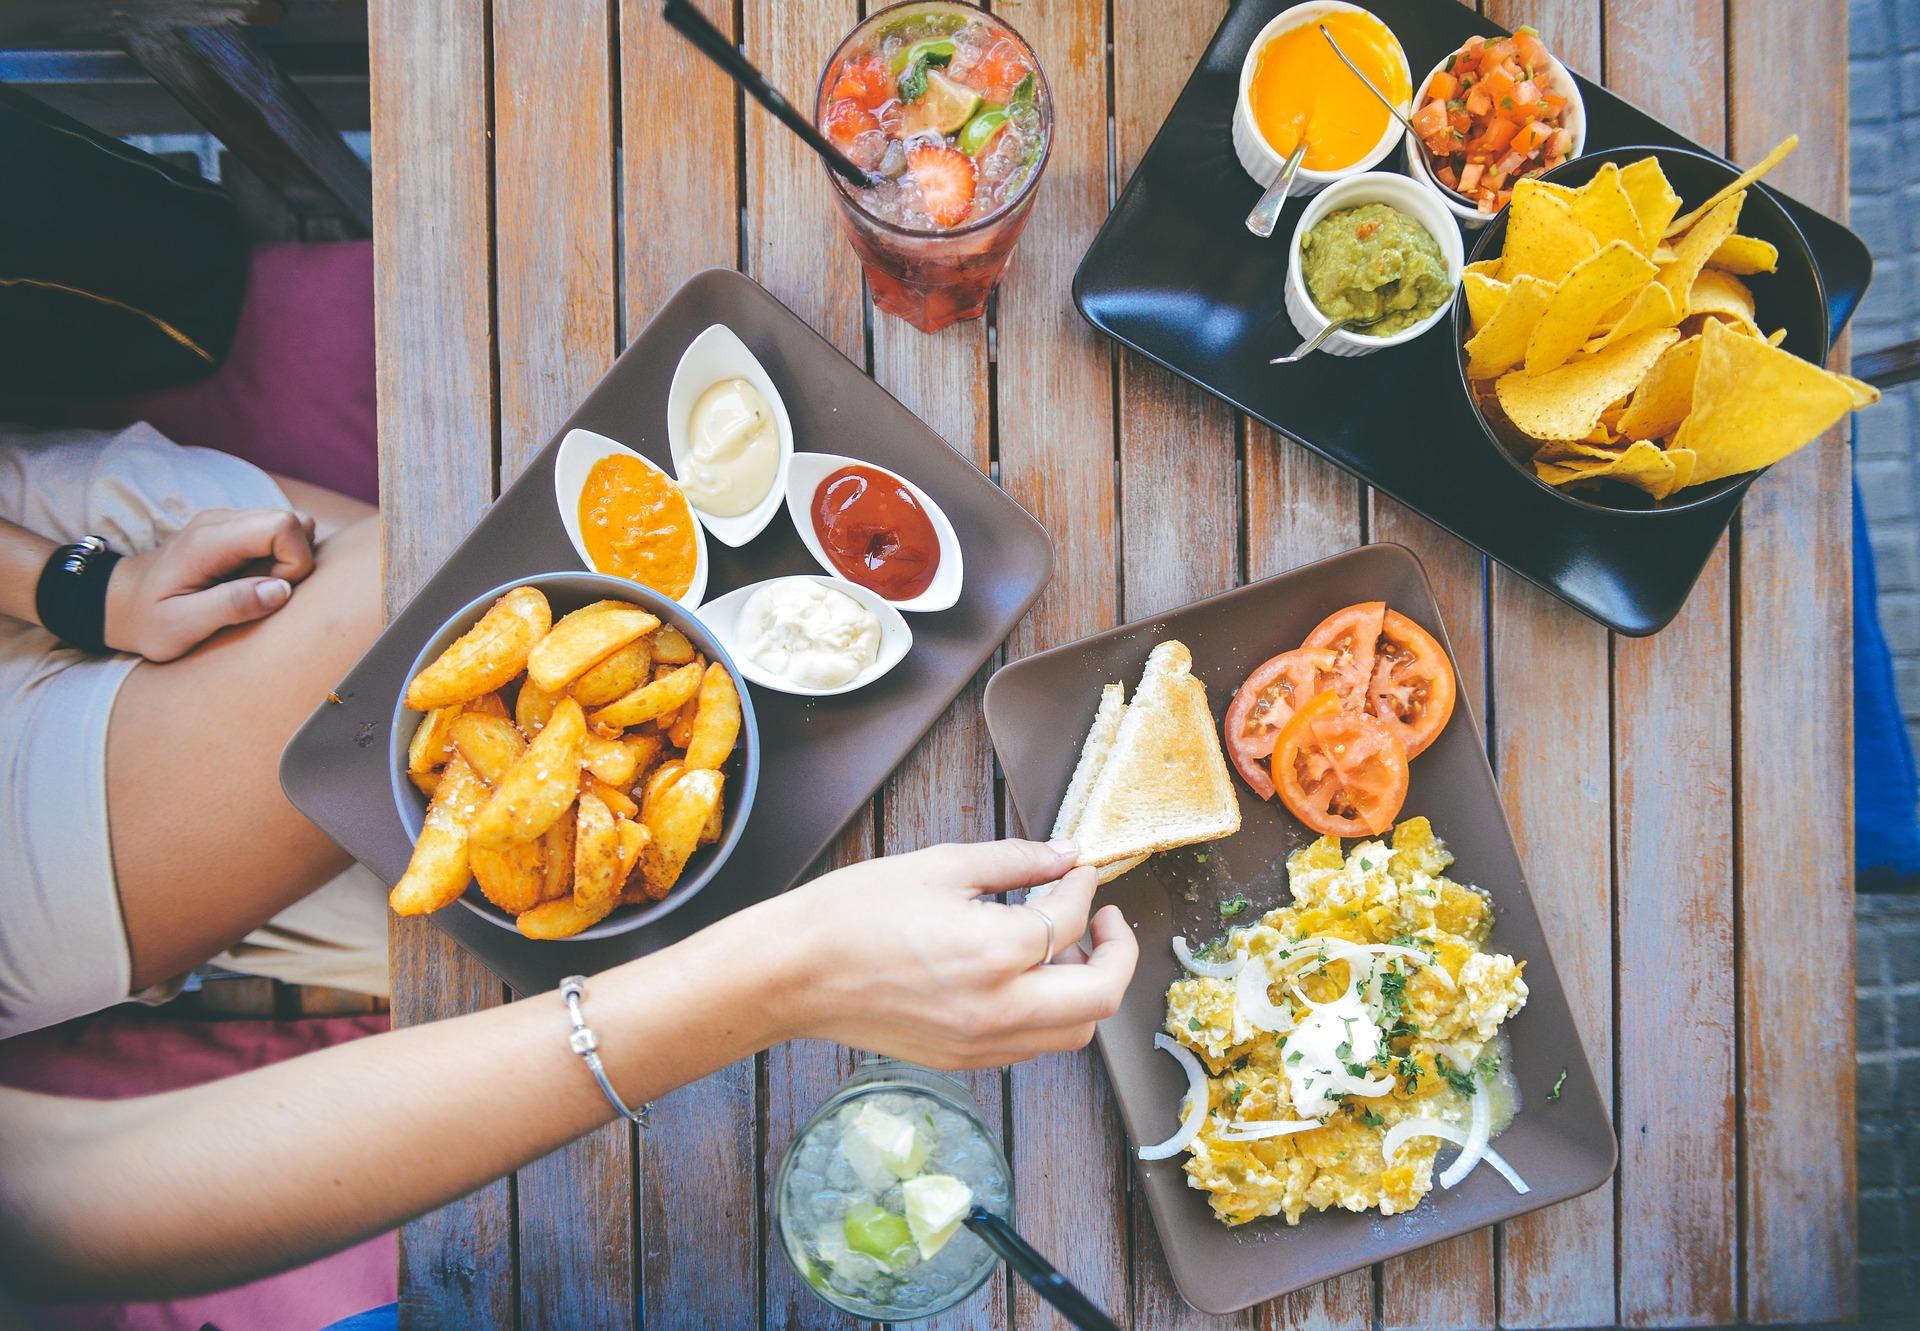 食品, テーブル, レストラン, ジャガイモ, ソース, ドリンク, sabroso, メニュー - HD の壁紙 - 教授-falken.com